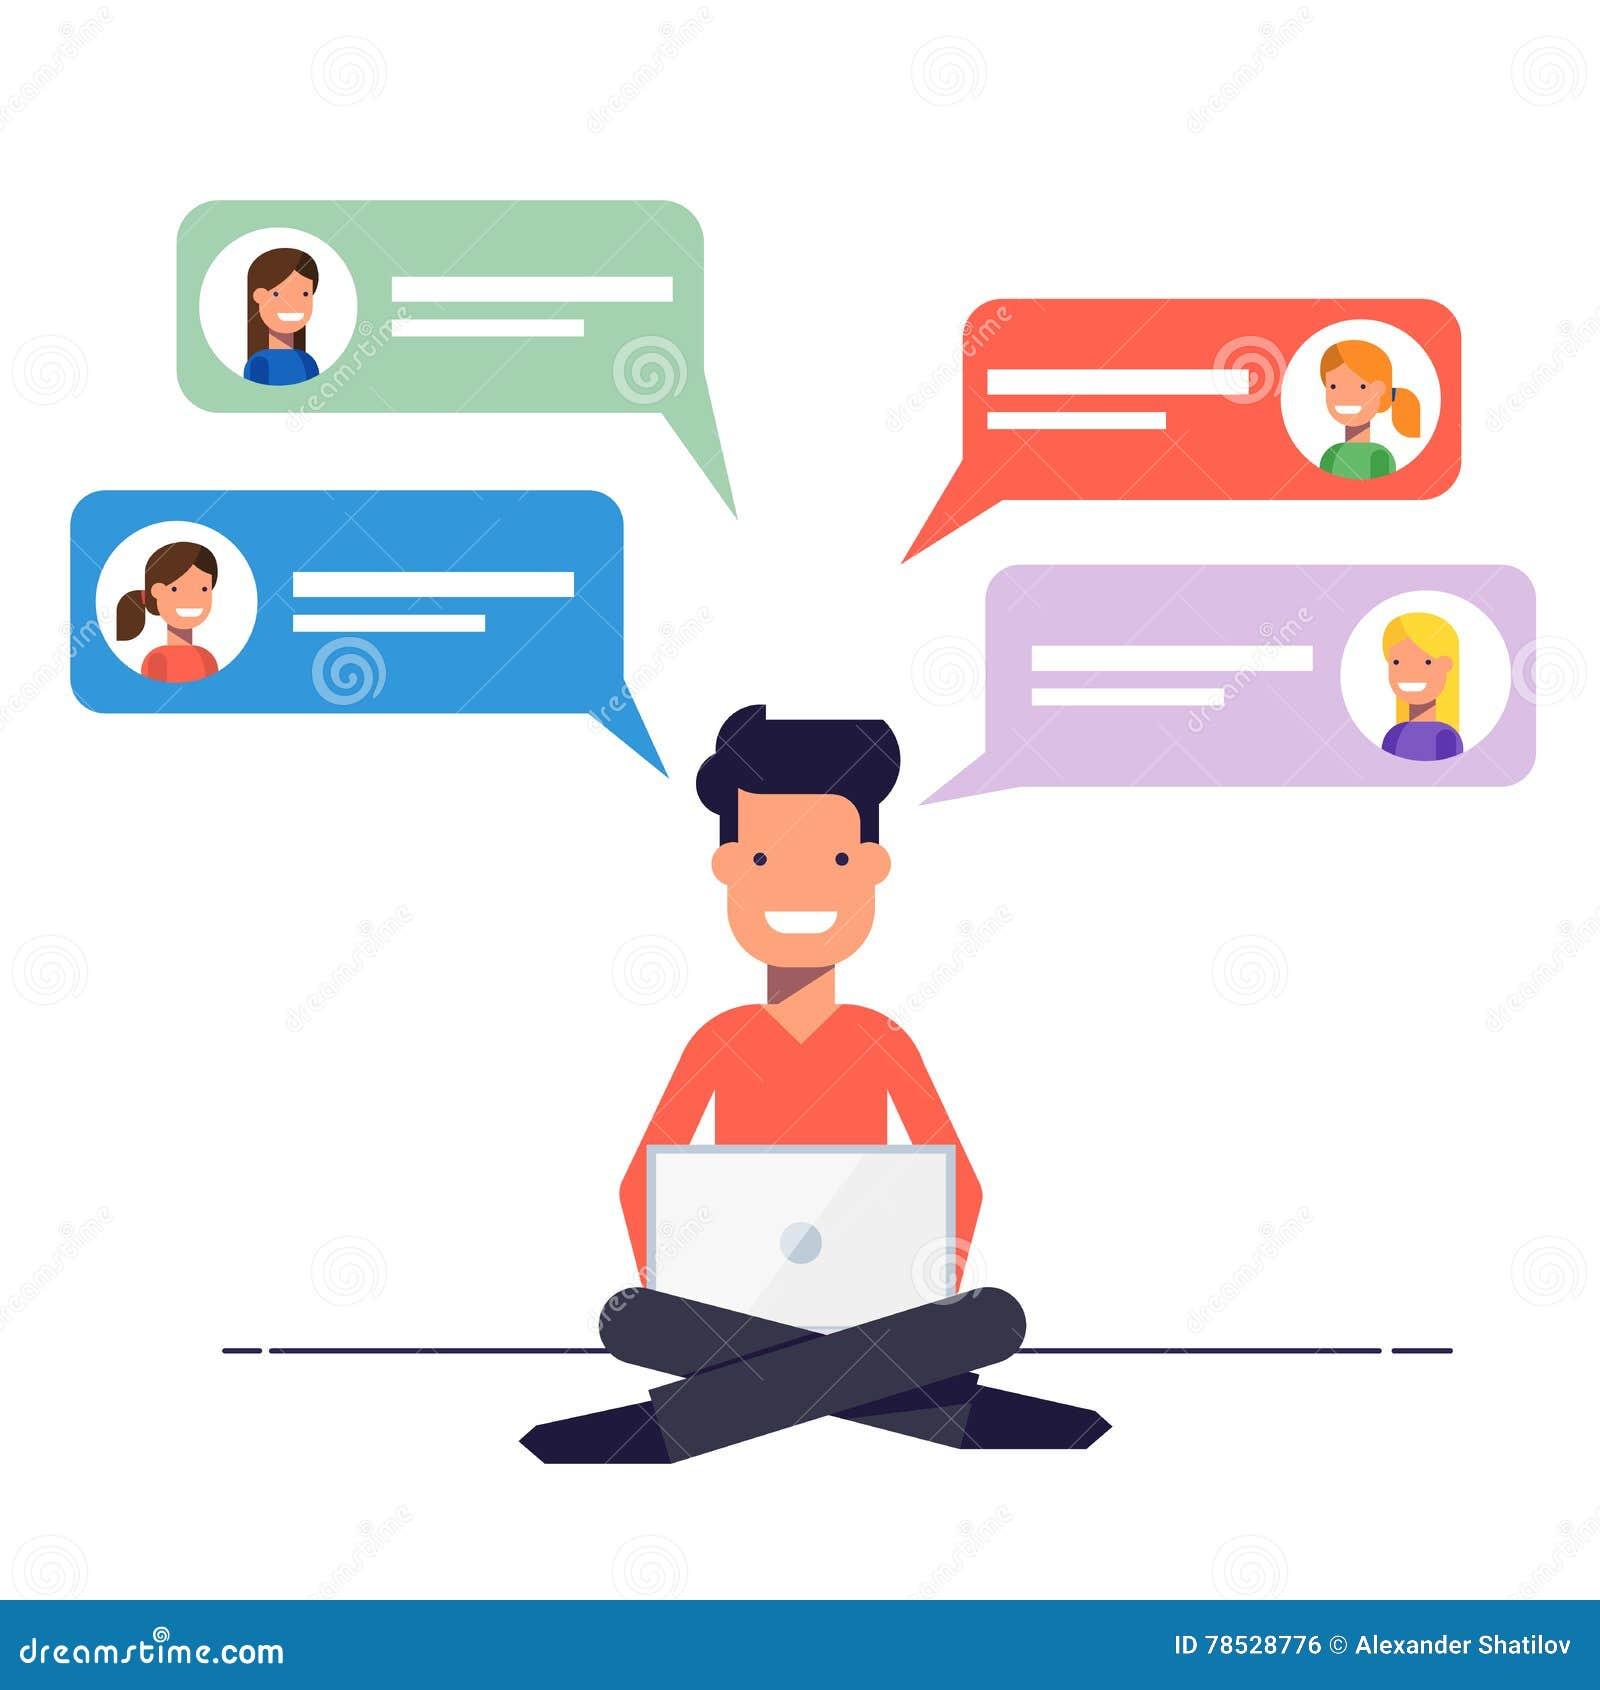 Ο ευτυχής τύπος είναι επικαλυμμένος με τα κορίτσια σε μια χρονολογώντας περιοχή Επικοινωνία μέσω της συνομιλίας ή ηλεκτρονικό ταχ